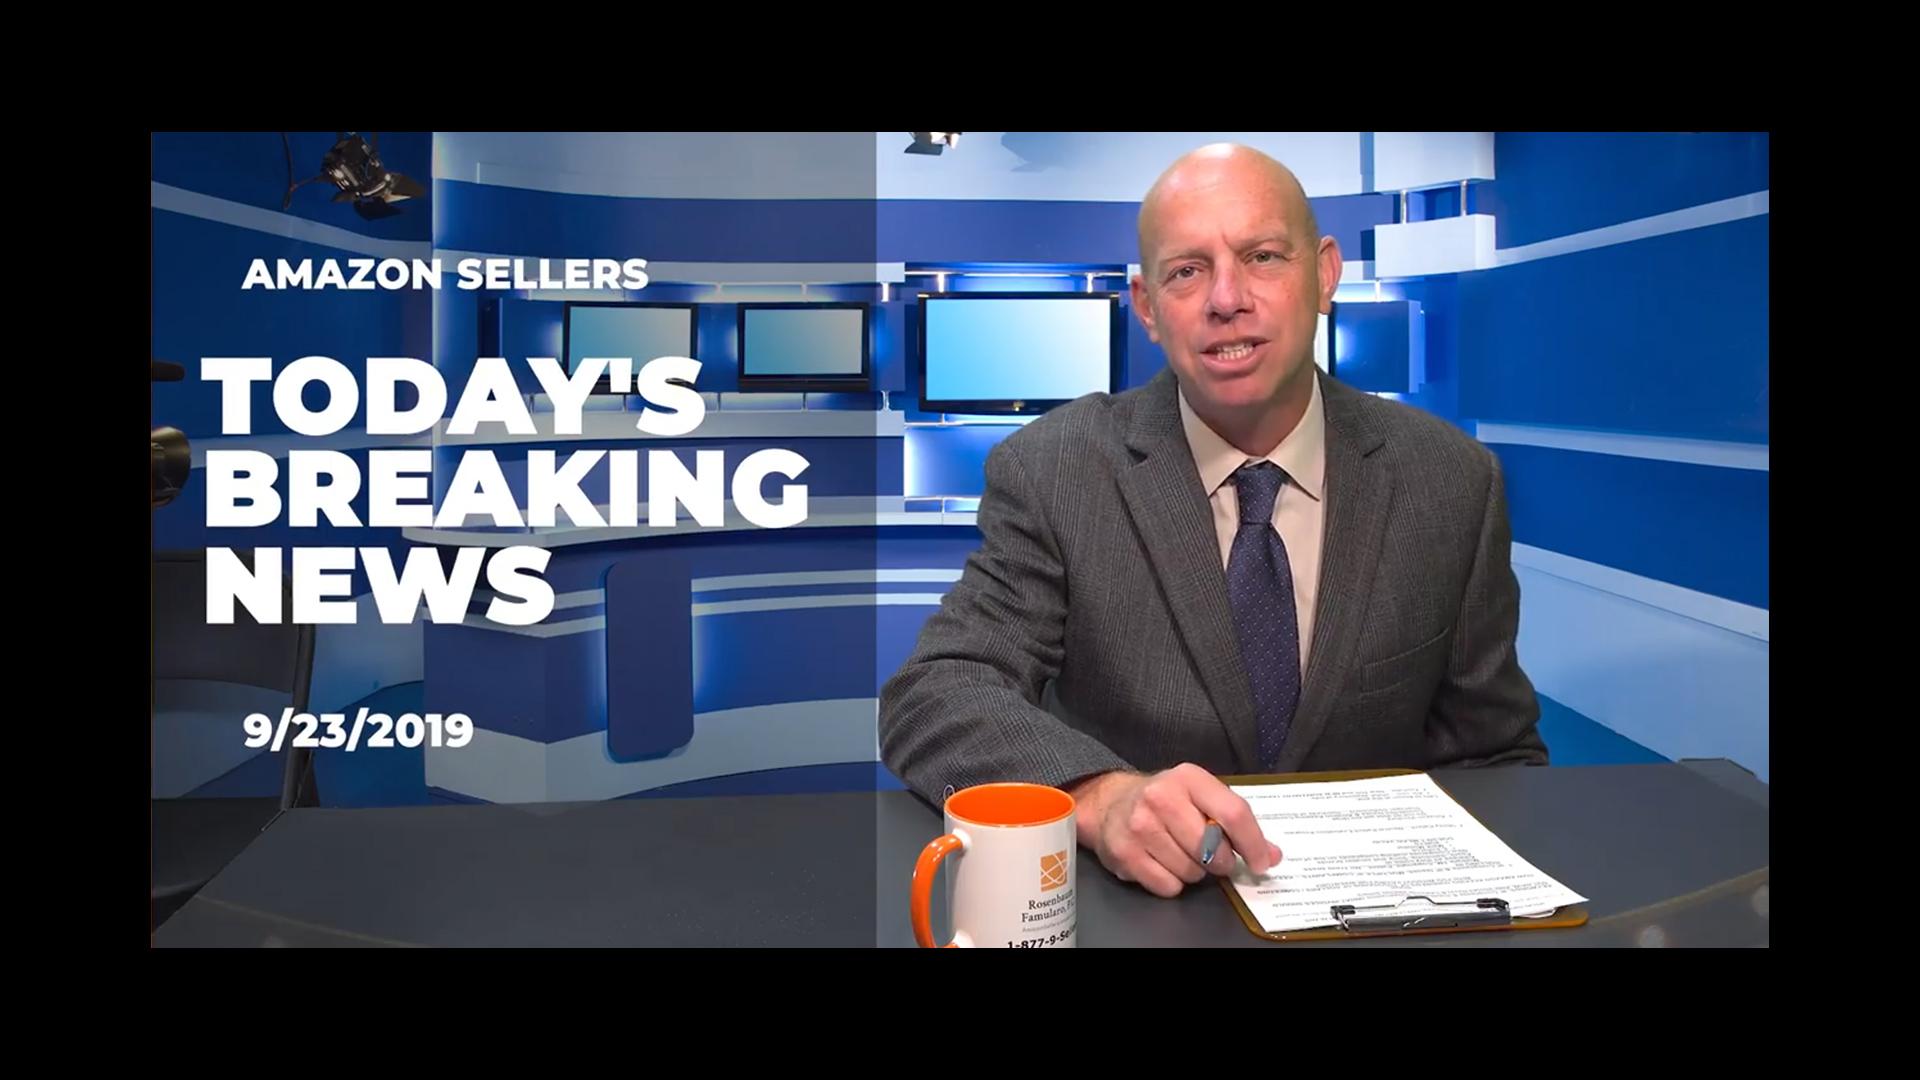 Amazon Sellers' News 9-23-19